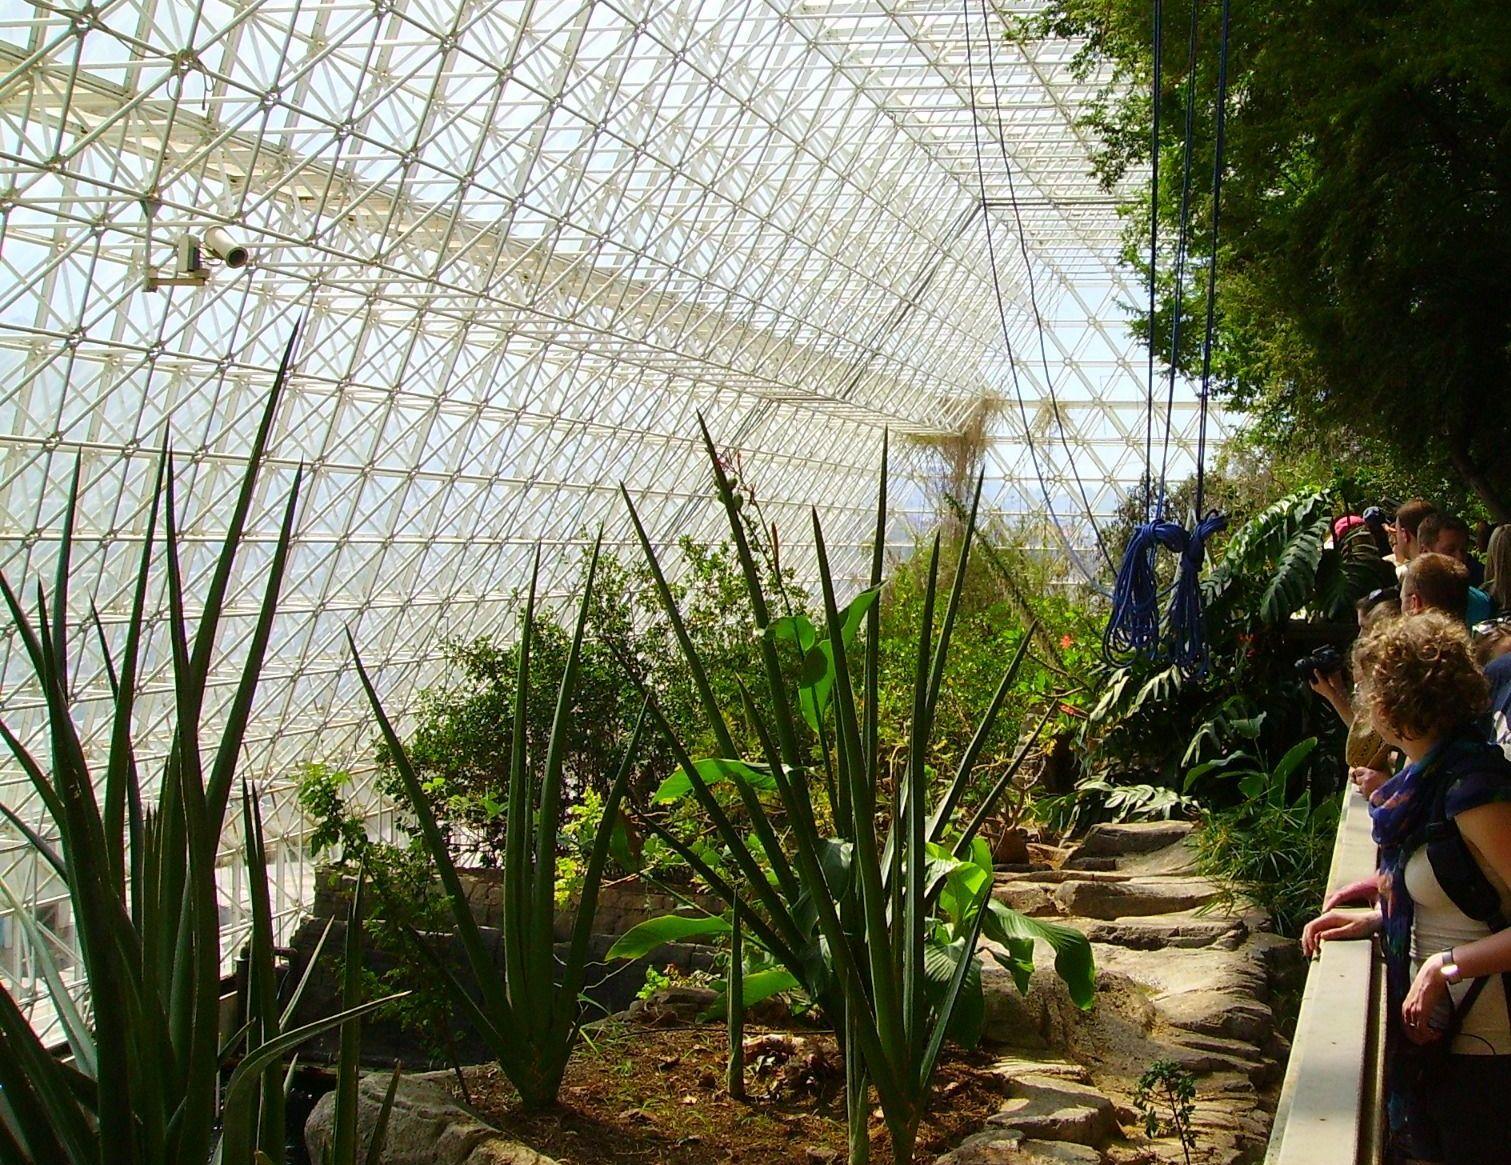 """Klimaschutzmanager Felix Schütte beim Besuch der Biosphäre 2: Das Experiment sollte Anfang der 90er Jahre zeigen, dass das menschliche Überleben in einem geschlossen System, das nicht die Erde (""""Biosphäre 1"""") selbst ist, dauerhaft möglich ist. Viel Know-how, jahrelange Planung und rund 200 Mio. $ Baukosten halfen nichts. Allen Anstrengungen zum Trotz scheiterte das Experiment kläglich. Nach zwei Jahren waren die Bedingungen auf dem """"nachgebauten Planet Erde"""" so lebensfeindlich, dass die acht Bewohner evakuiert werden mussten. Ernsthafte weitere Versuche wurden seither nie wieder unternommen. Unsere Planet bleibt als Lebensraum vorerst alternativlos."""